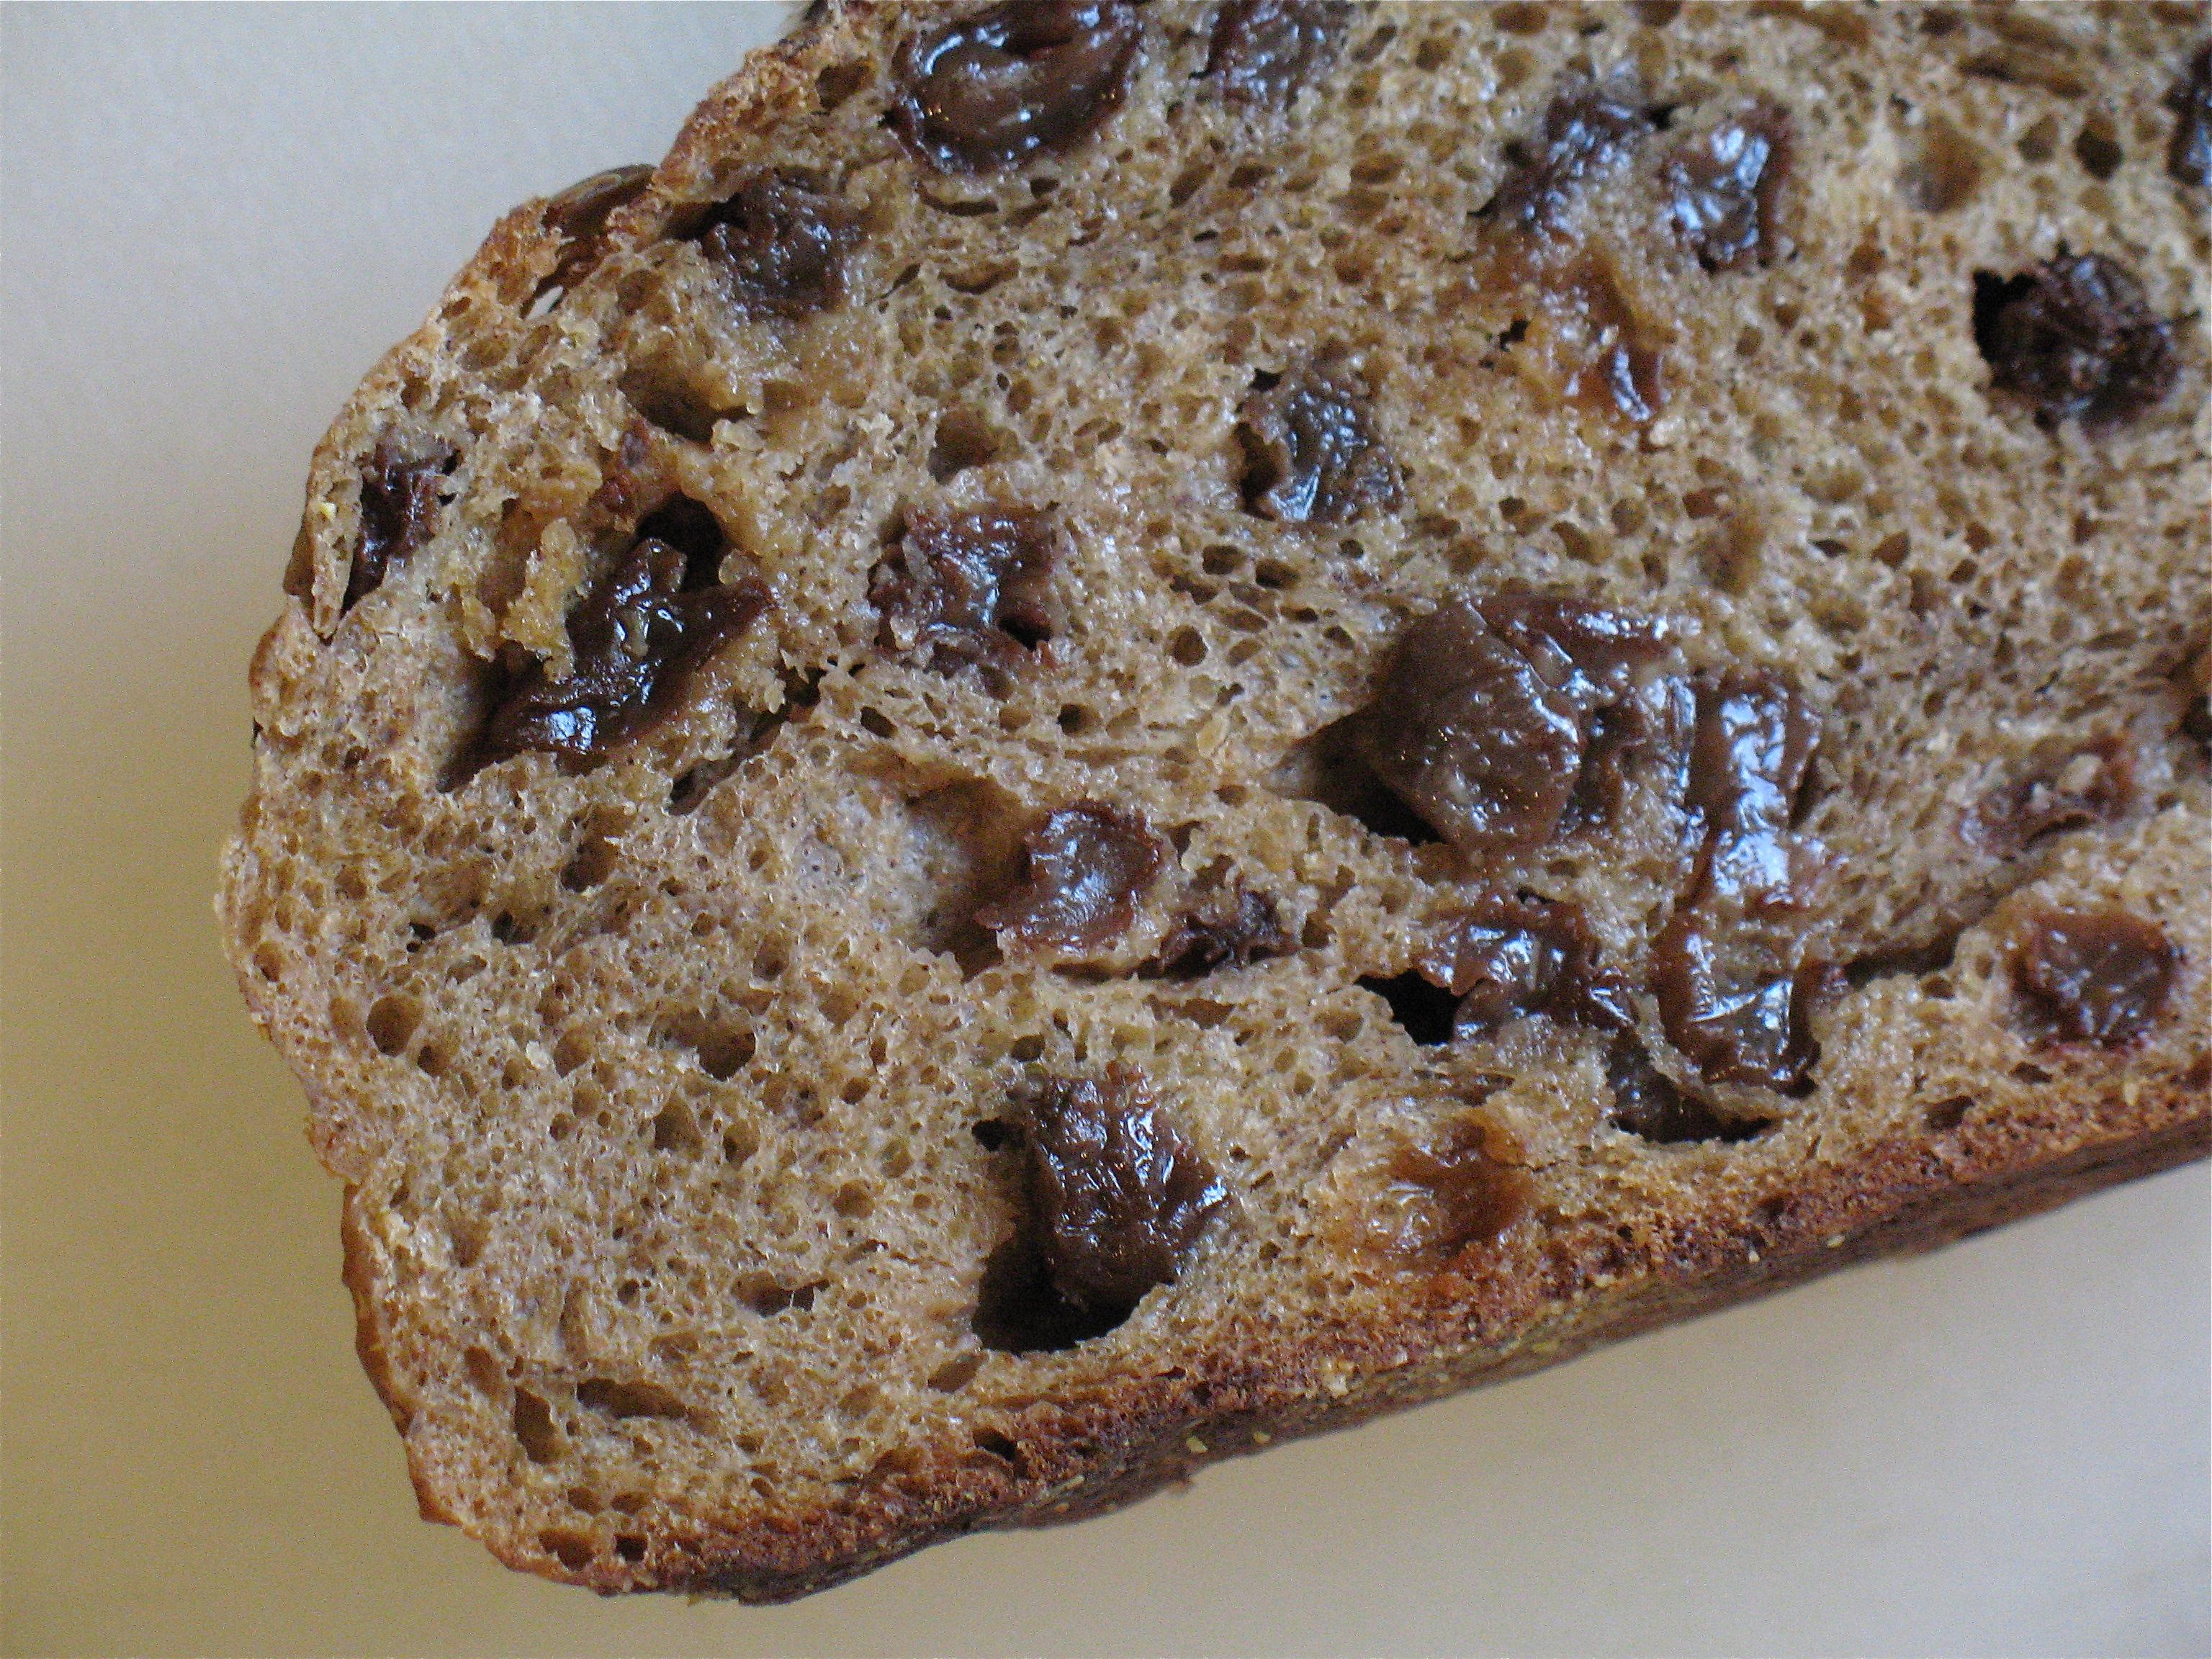 gd_baking_bread_raisin_loaf_interior